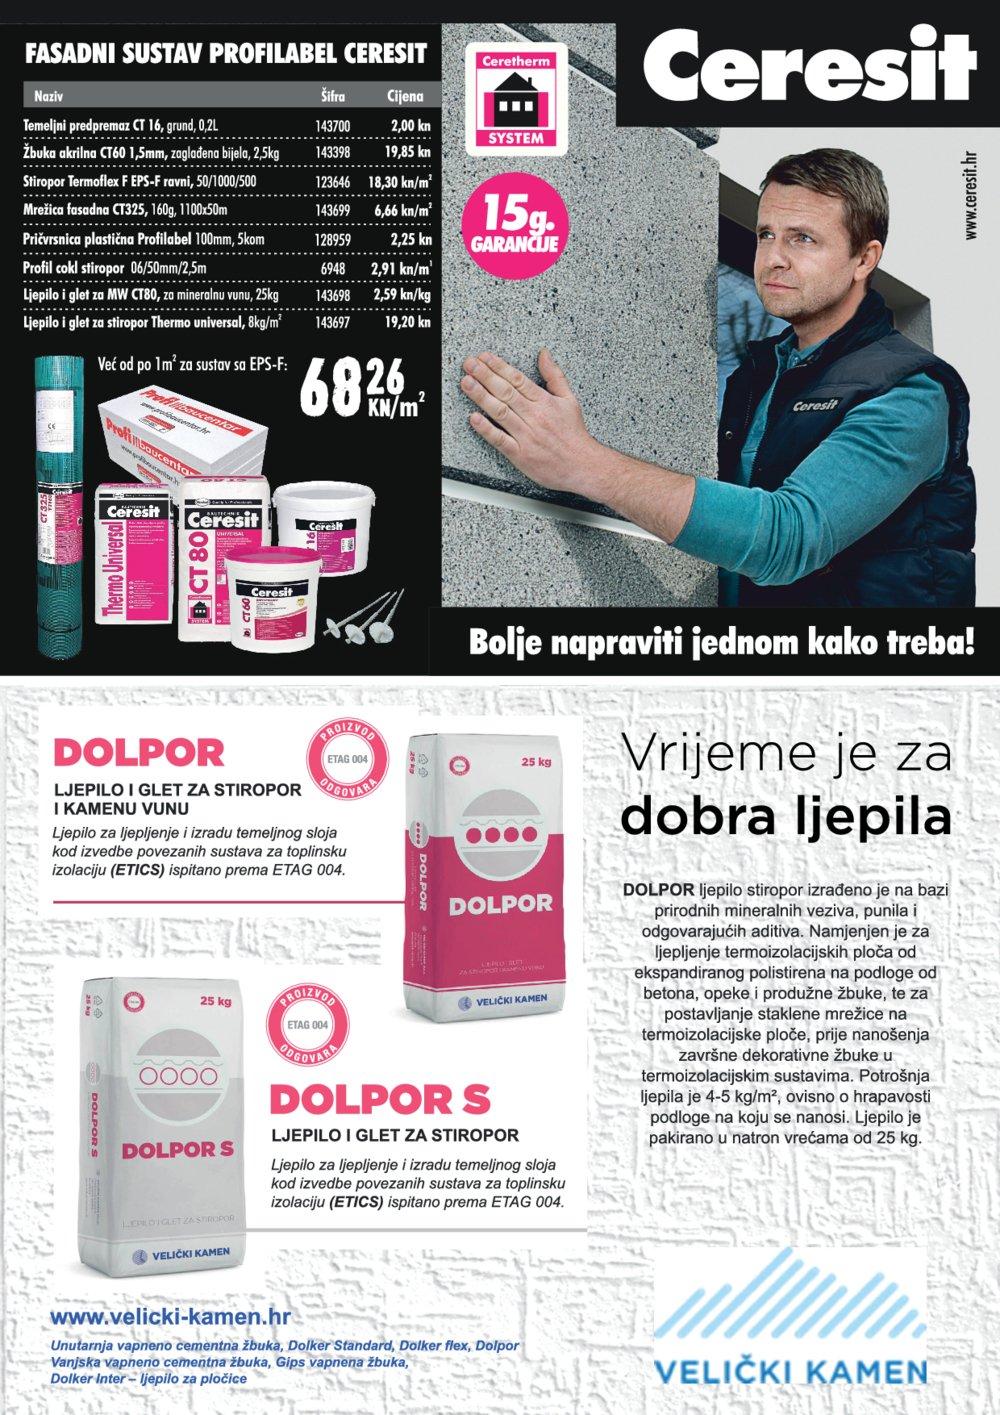 Profi baucentar katalog vrtnog namještaja od 24.07. do 30.9.2018. Zagreb Slavonija Rijeka Pula